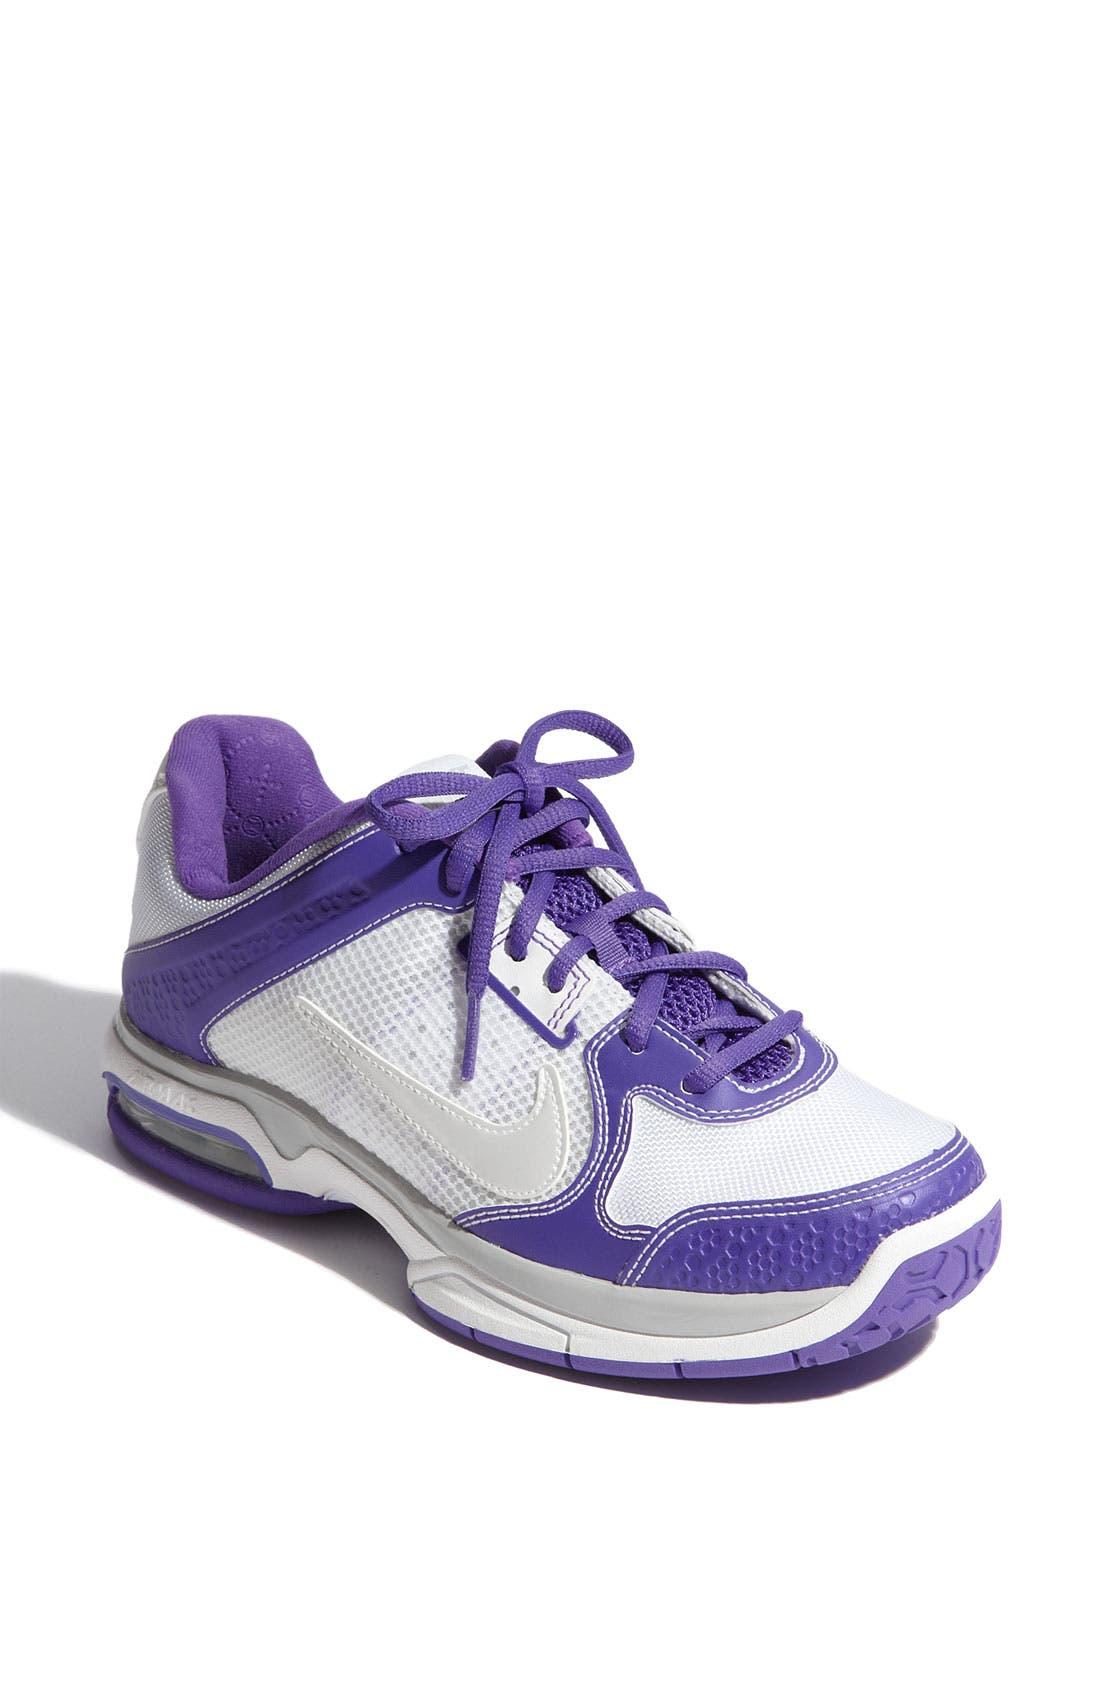 Alternate Image 1 Selected - Nike 'Air Max Mirabella 3' Tennis Shoe (Women)